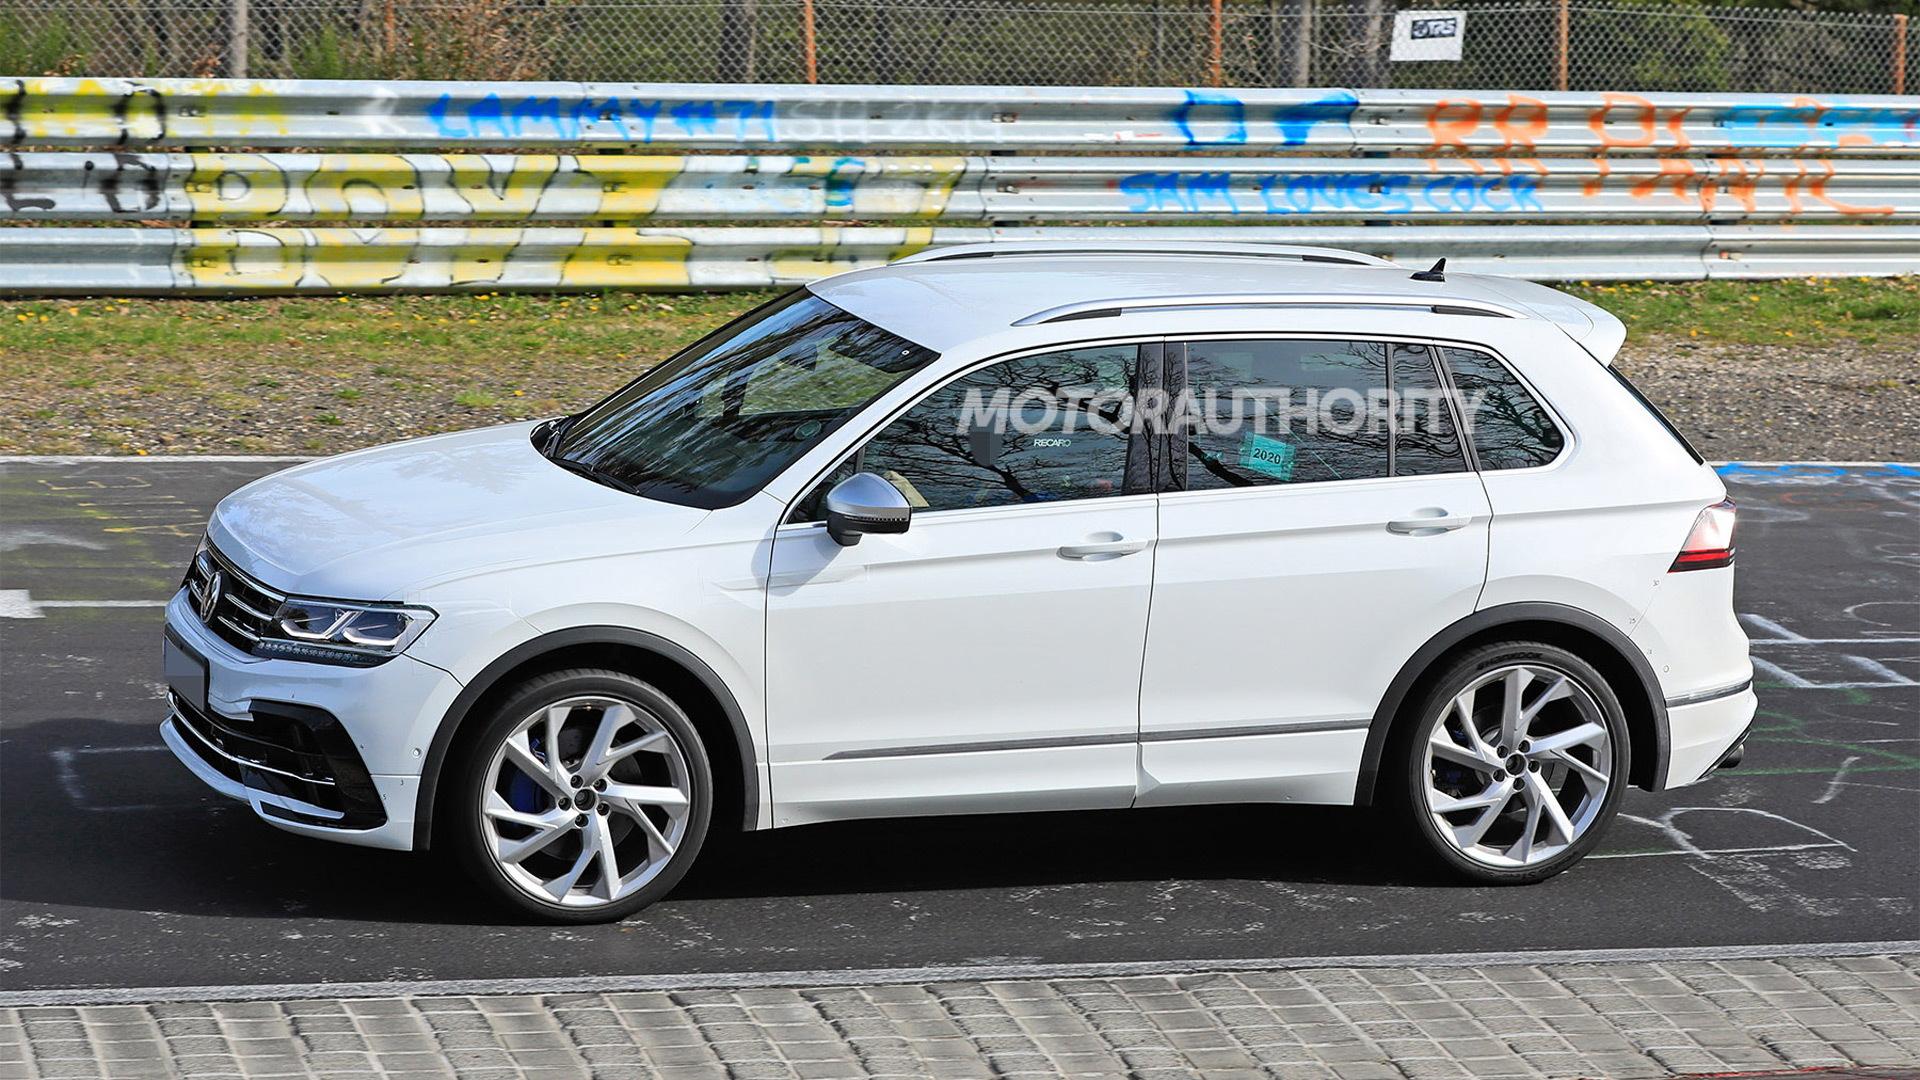 2021 Volkswagen Tiguan R spy shots - Photo credit: S. Baldauf/SB-Medien